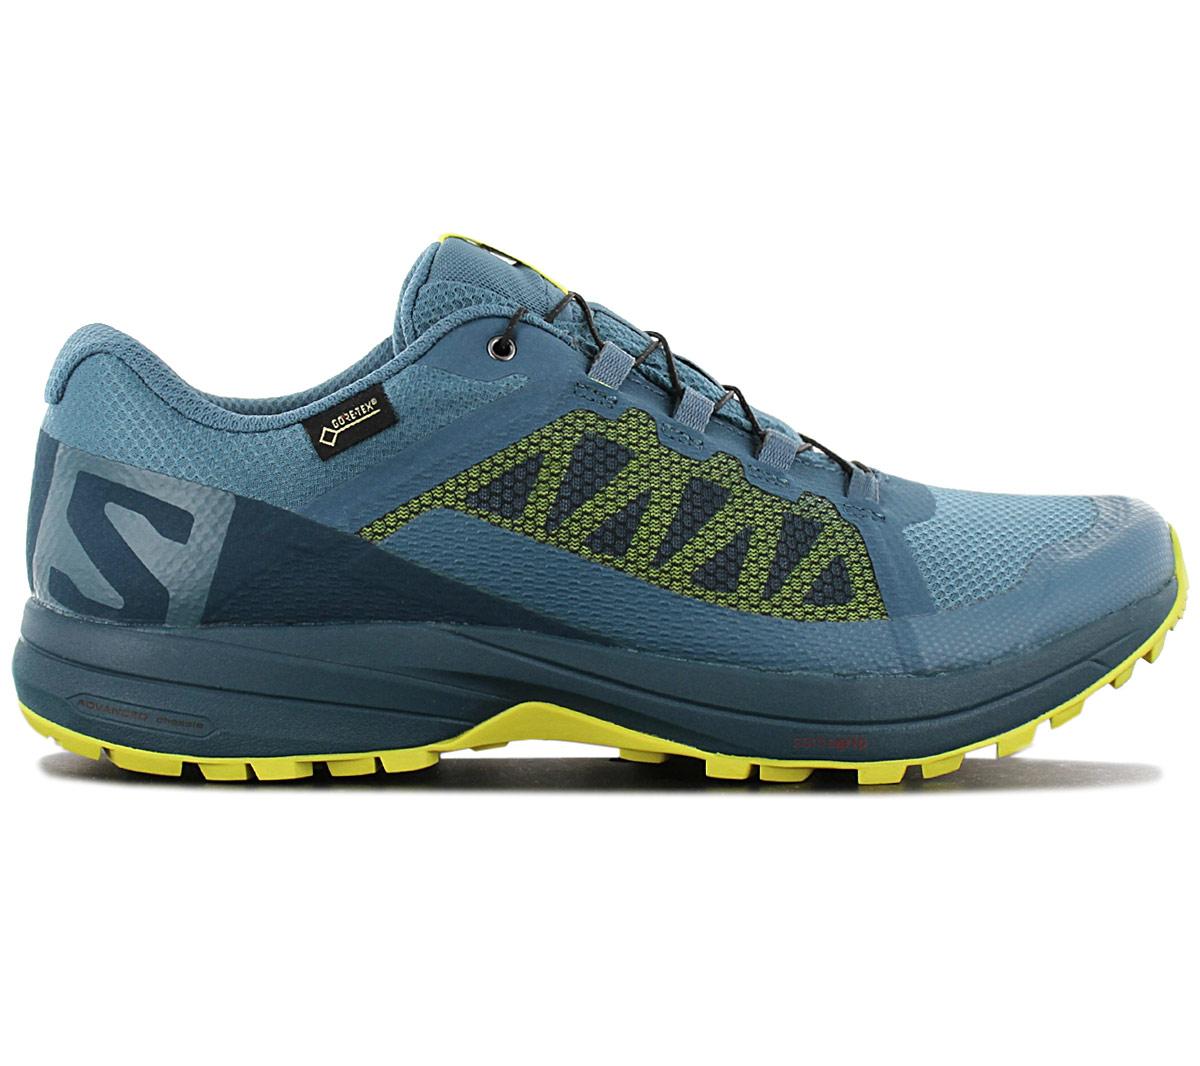 Detalles de Salomon Xa Elevar Gtx Gore tex 406116 Hombre Trail Running Zapatos Senderismo